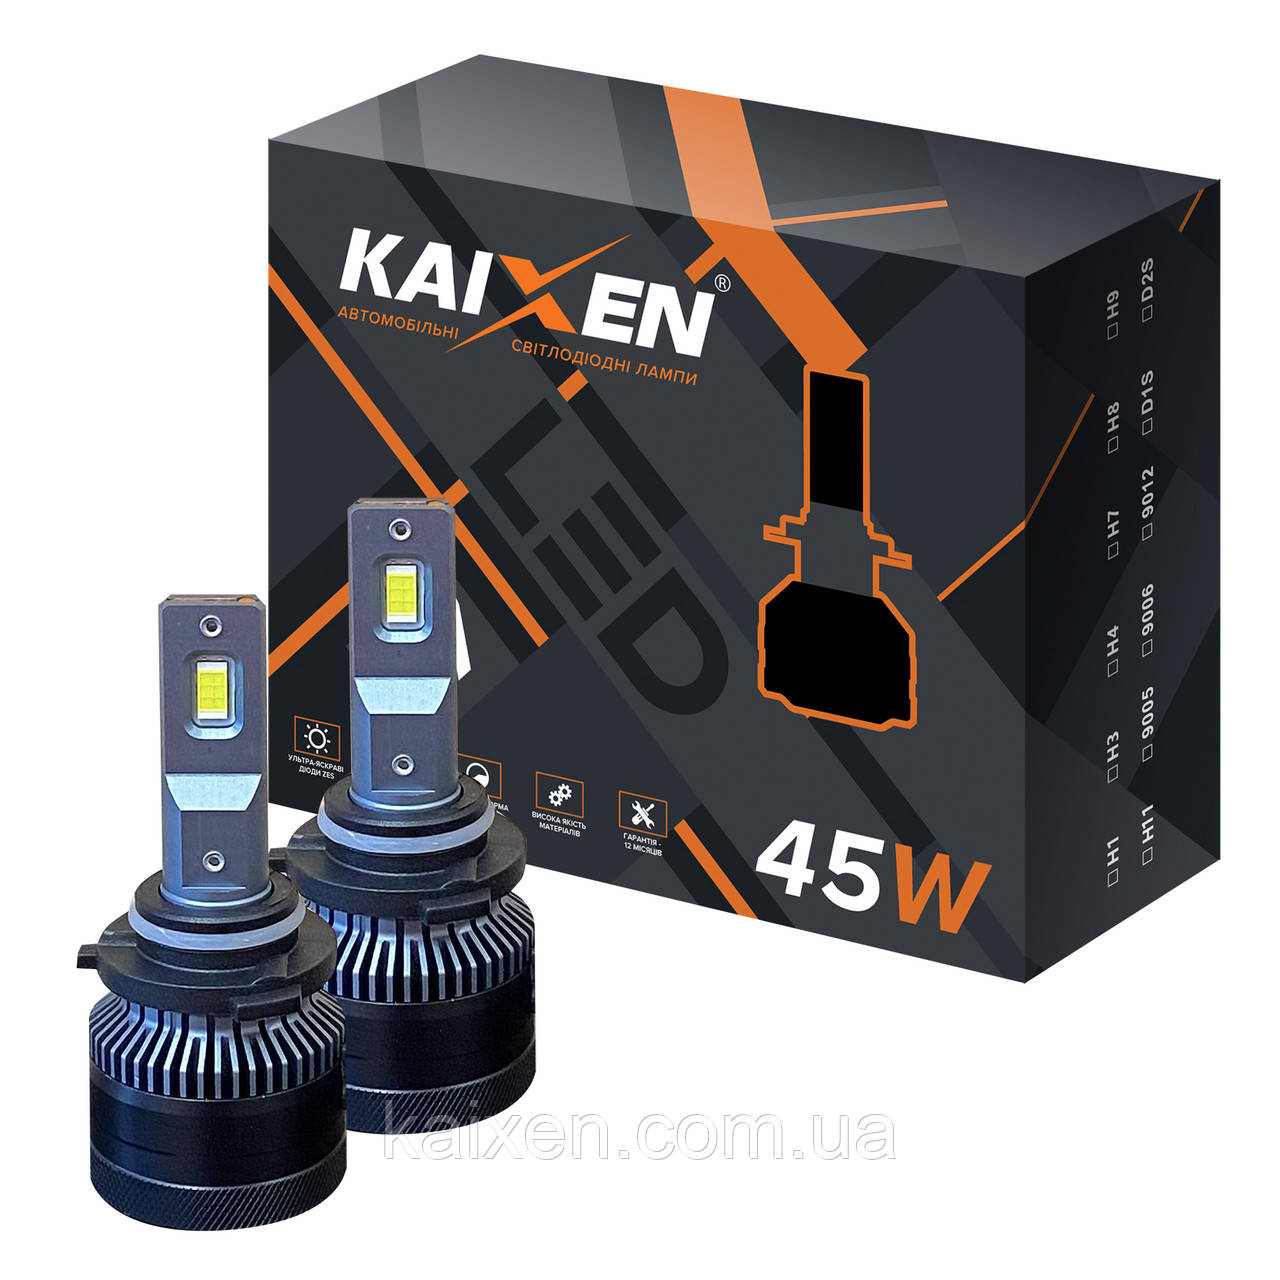 Светодиодные лампы HB3/9005 KAIXEN K7 (45W-6000K-CANBUS)